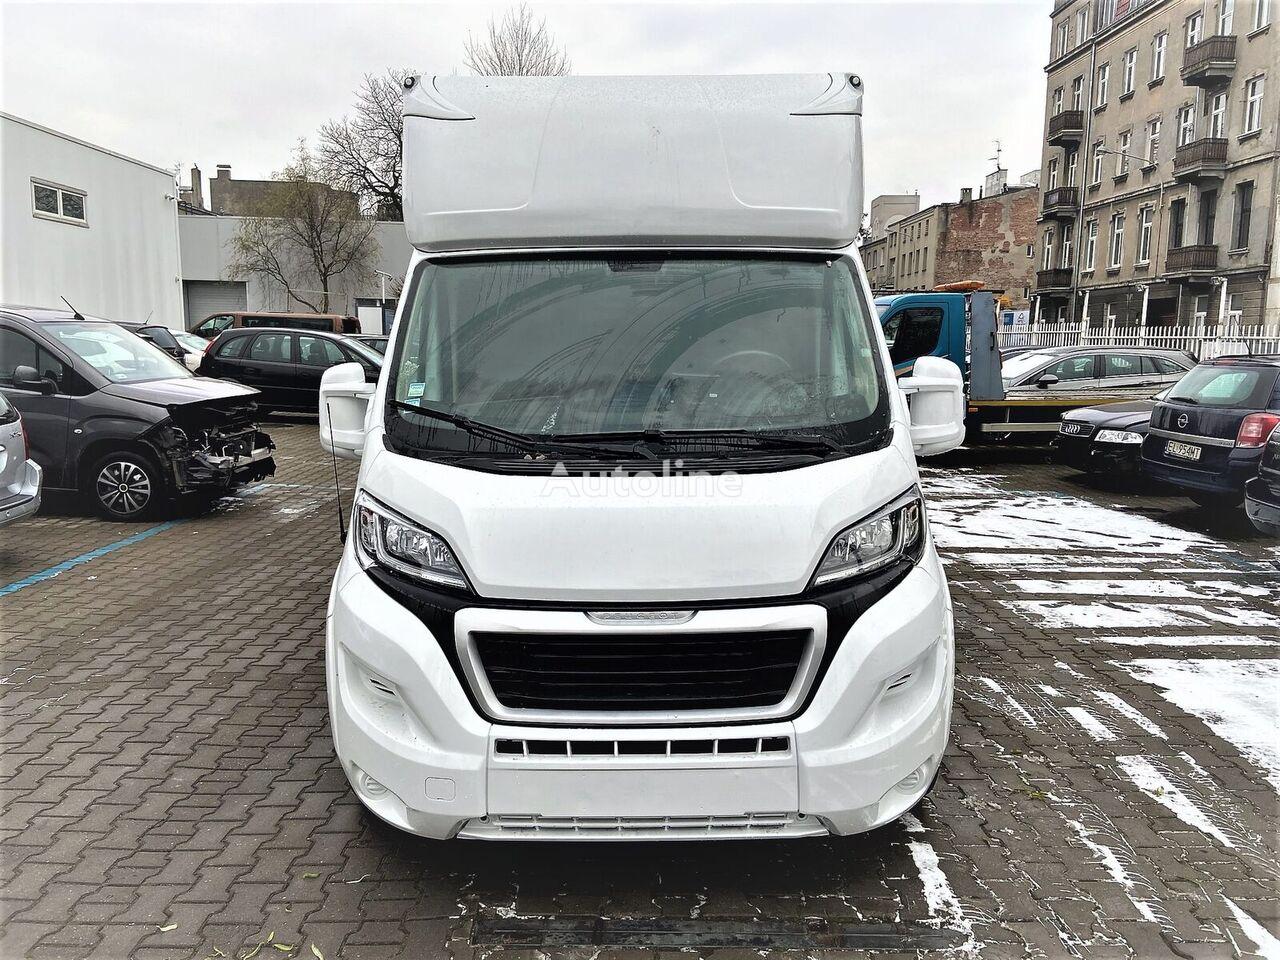 novi PEUGEOT Boxer kamion za prevoz konja